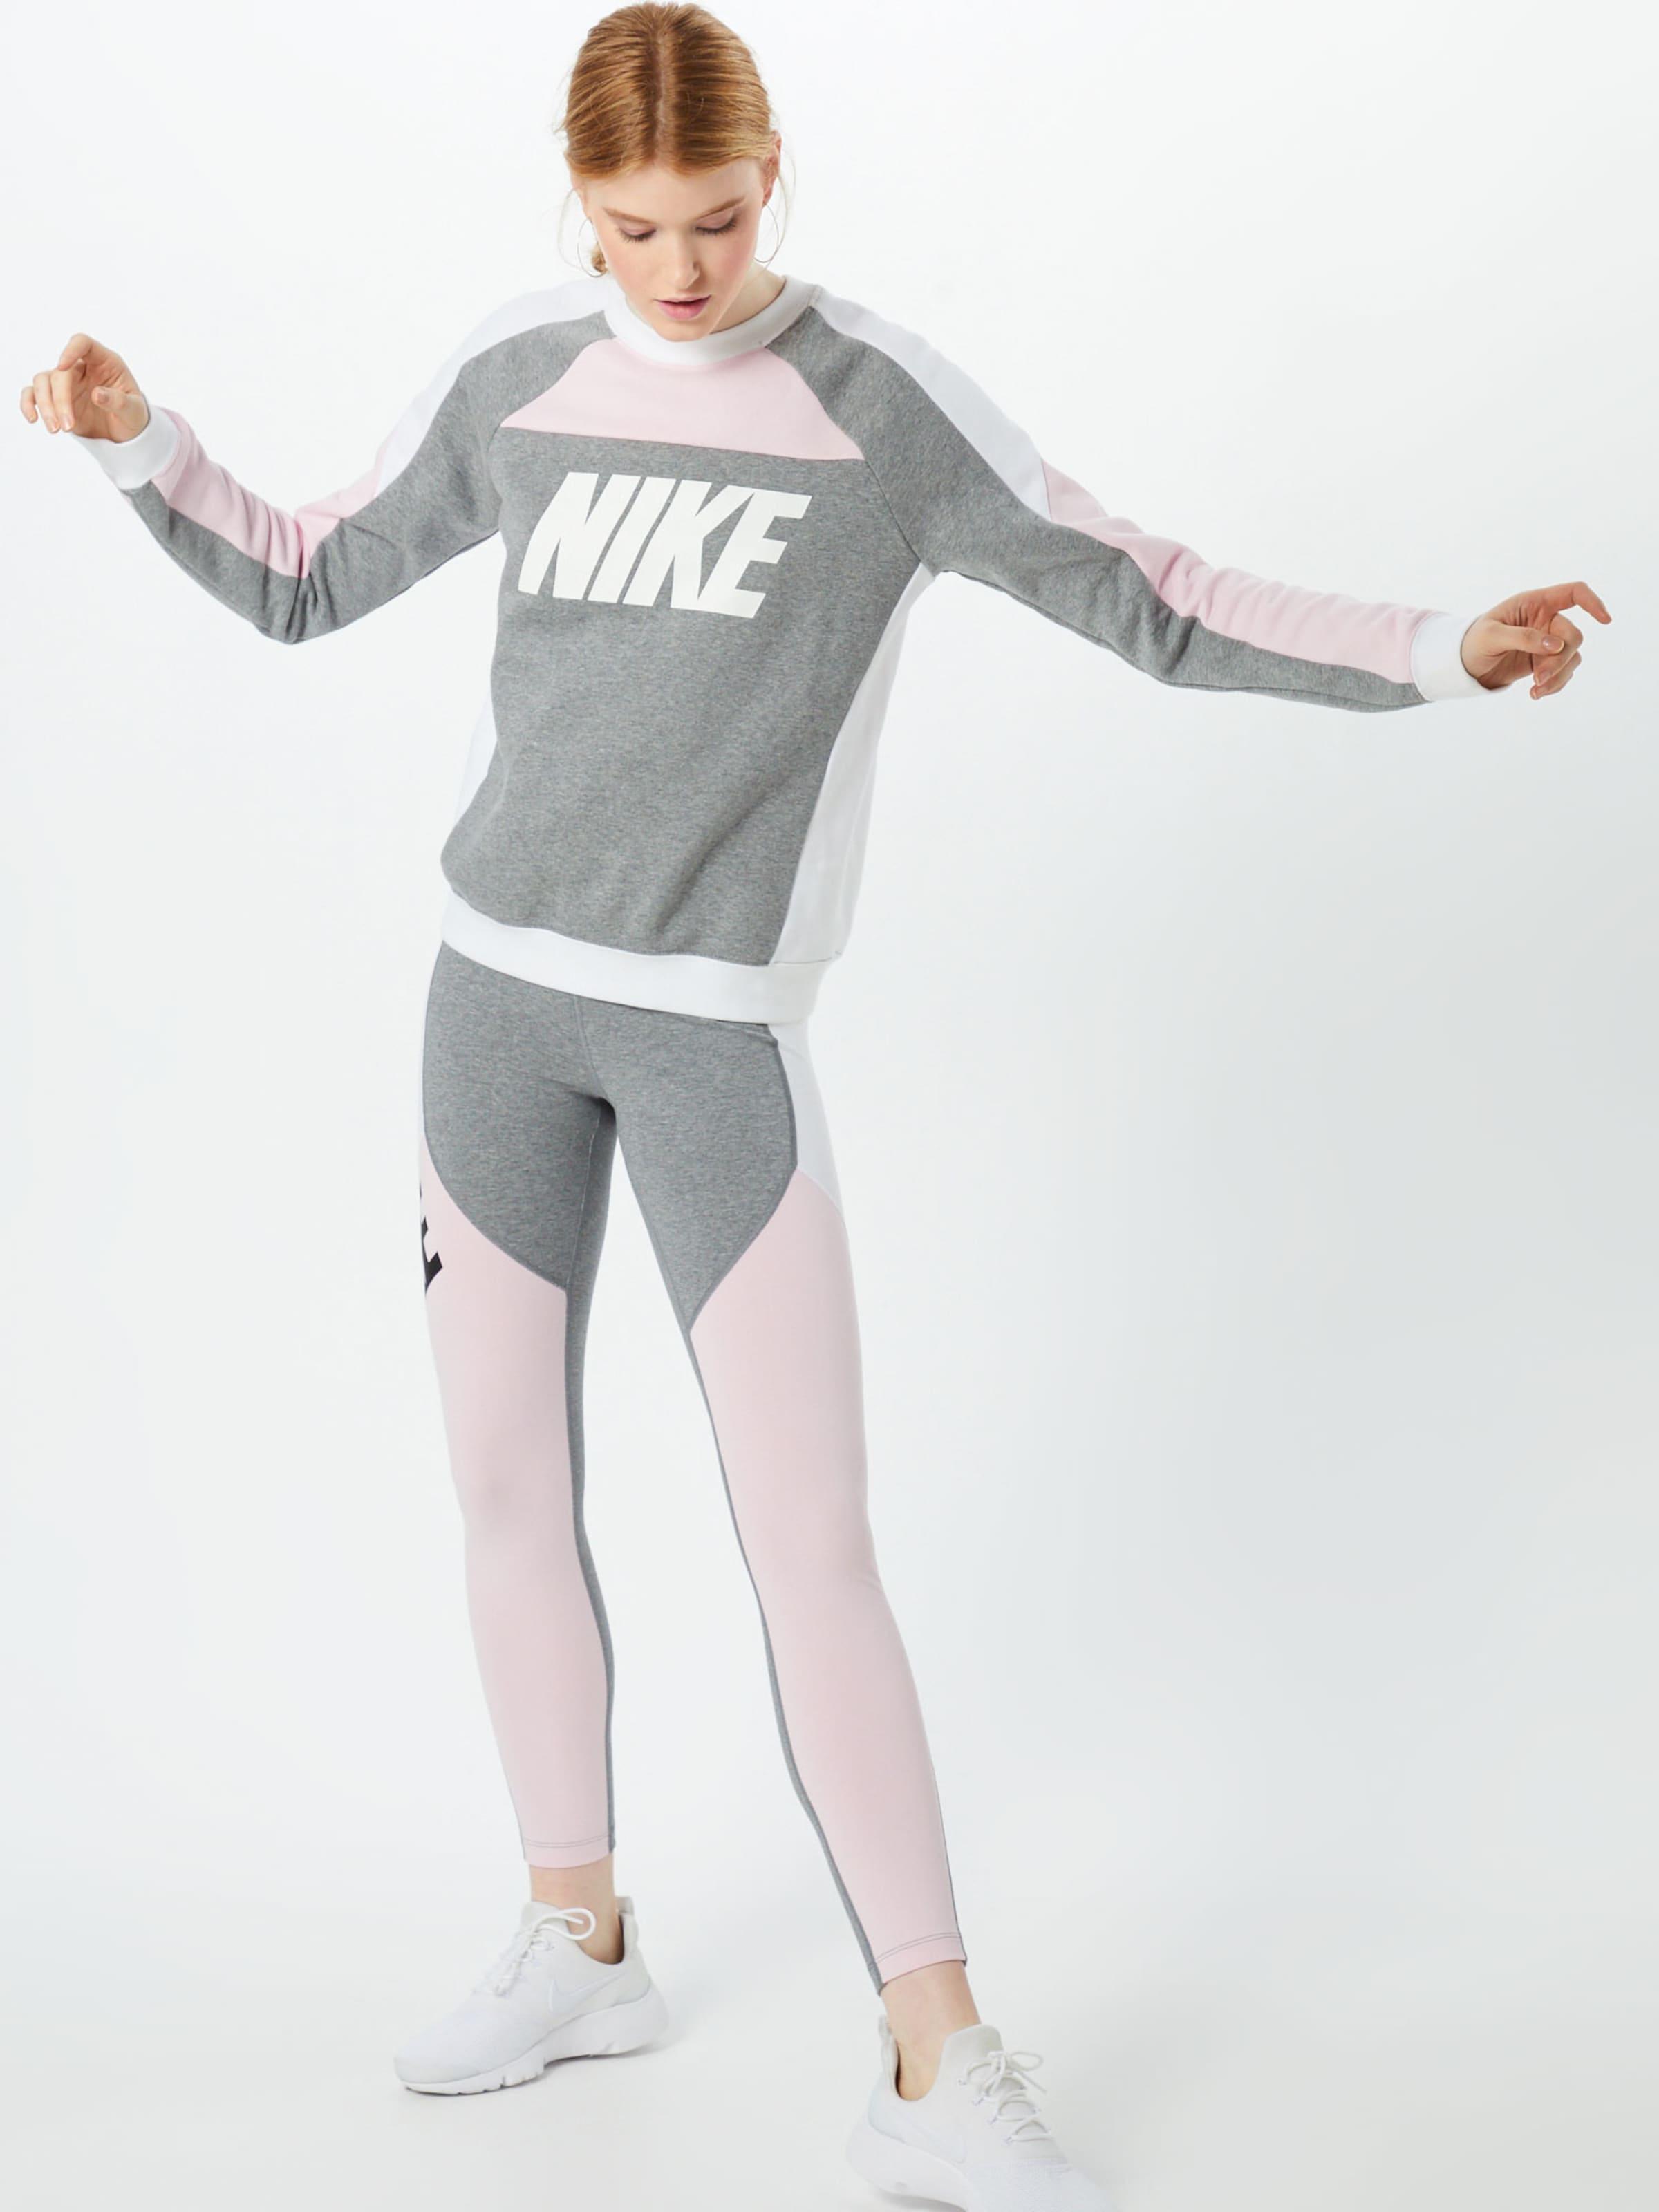 Weiß Nike Leggings GrauRosa Sportswear In k8nOwX0P